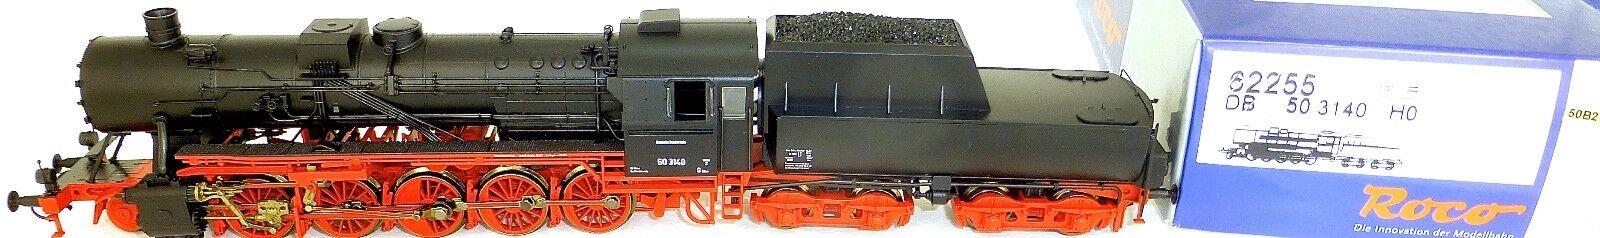 BR 50 3140 Dampflok DB Wannentender DSS KKK Ep3 Roco 62255 H0 1 87 OVP NEU KC1